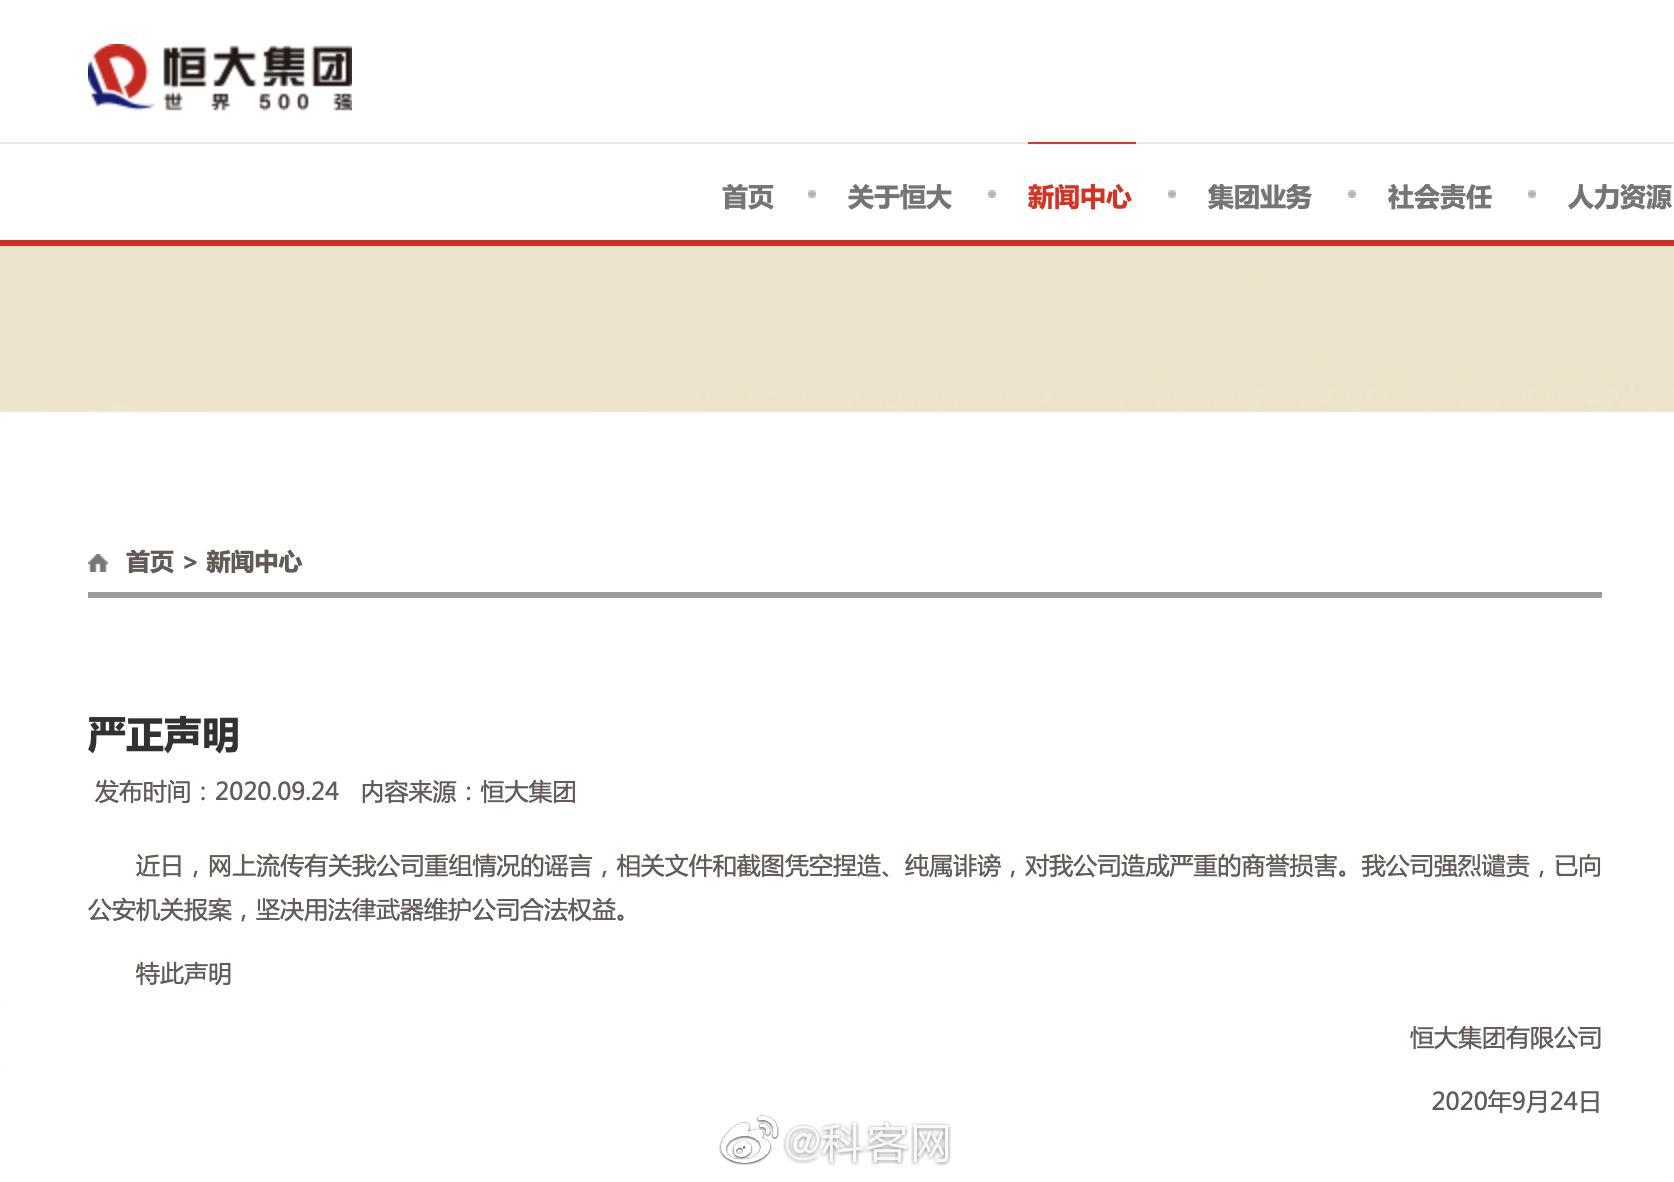 恒大集团通过官网辟谣了,然而刚才恒大网站一度瘫痪打不开……